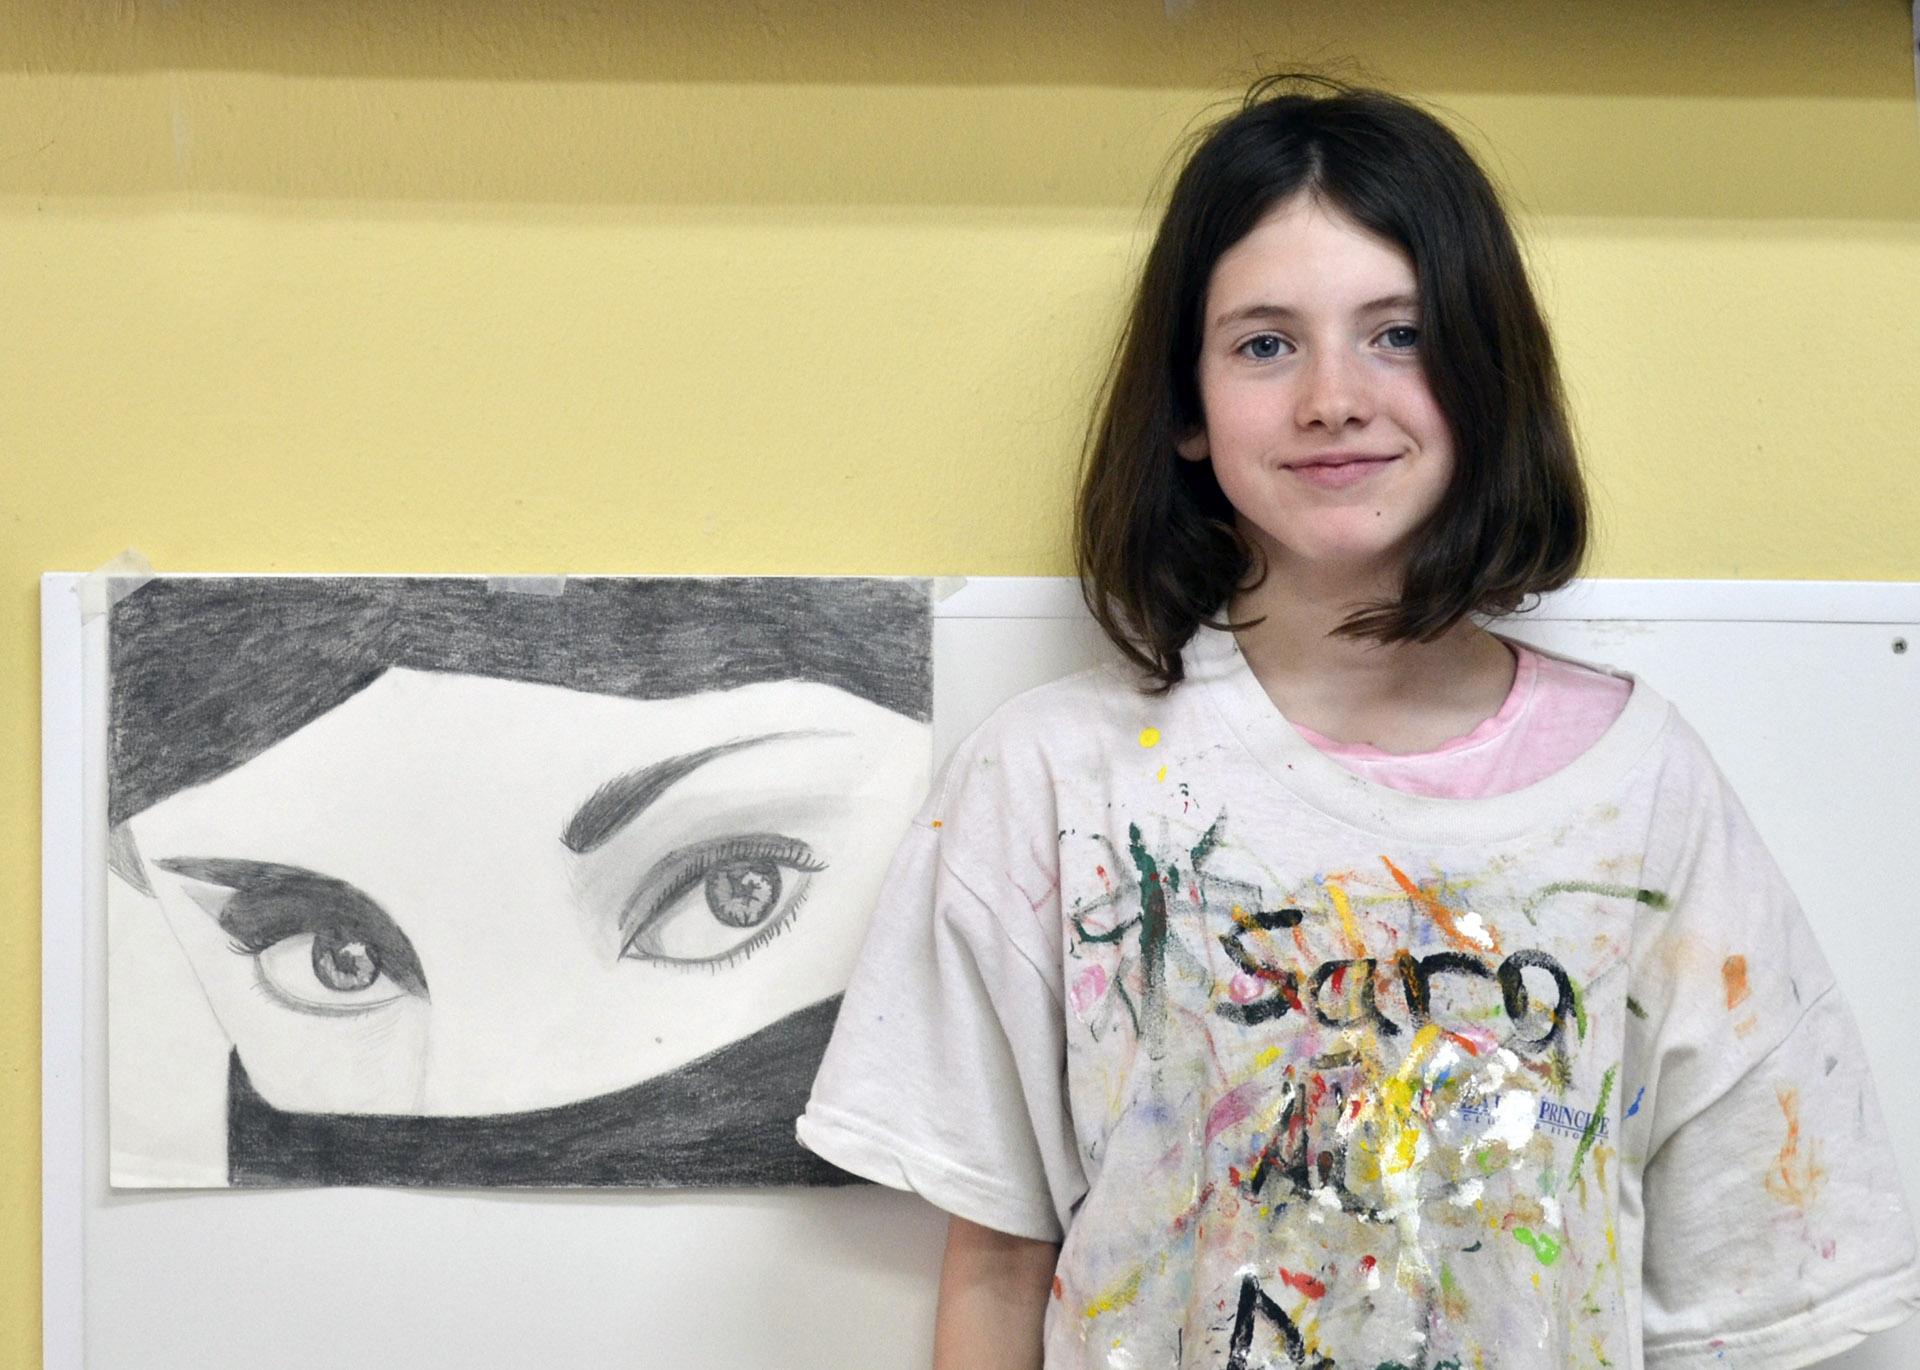 Sara, grafito. Taller Aceña - Olmedo. Curso 2016 - 2017